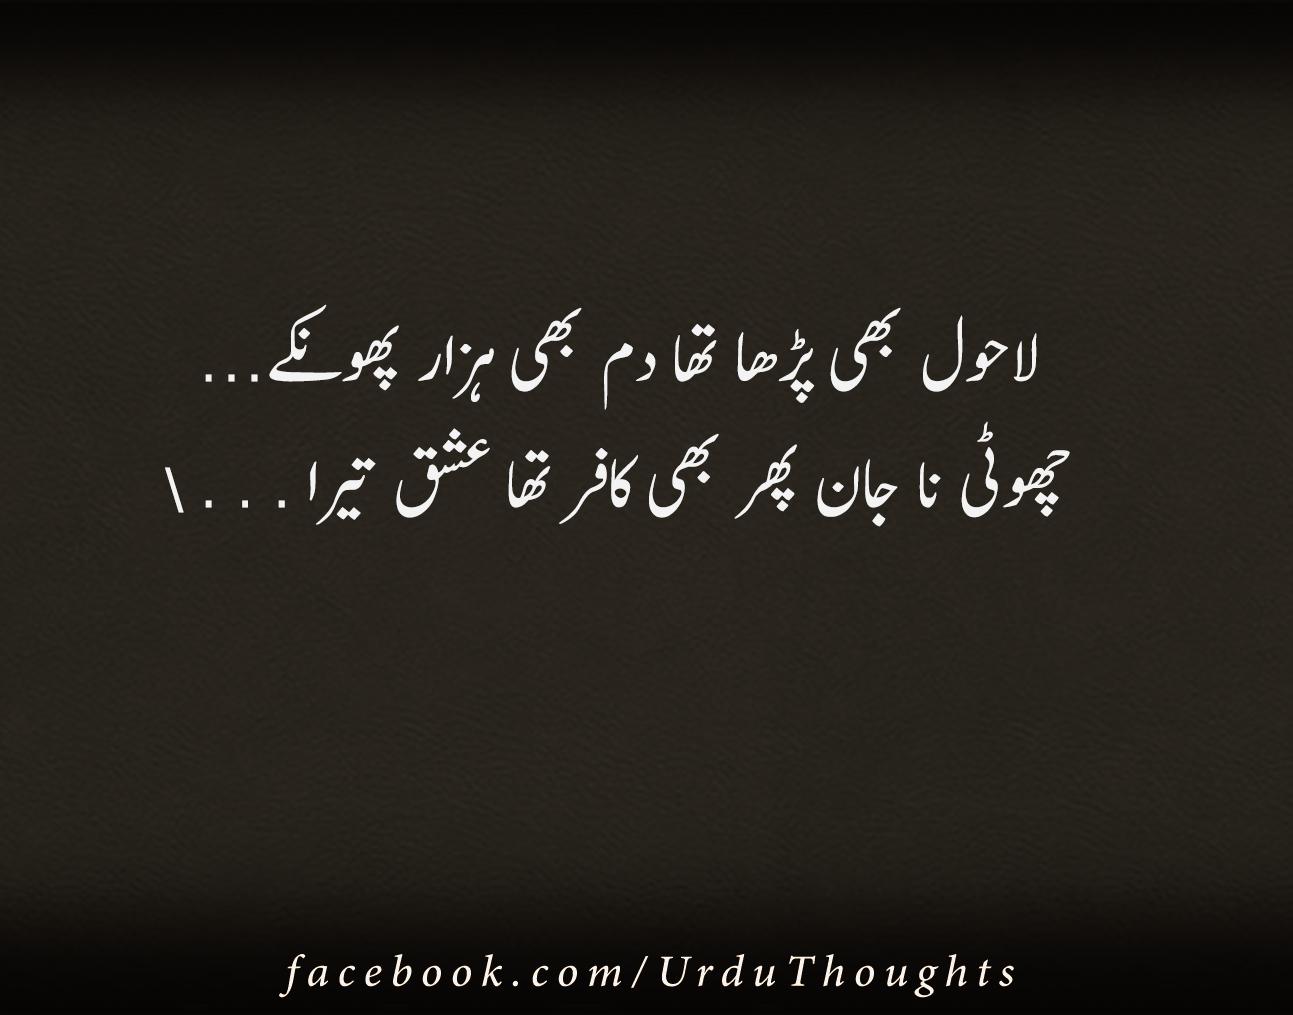 2 Line Urdu Poetry Images- Sad Poetry Mix Poetry - Urdu ...